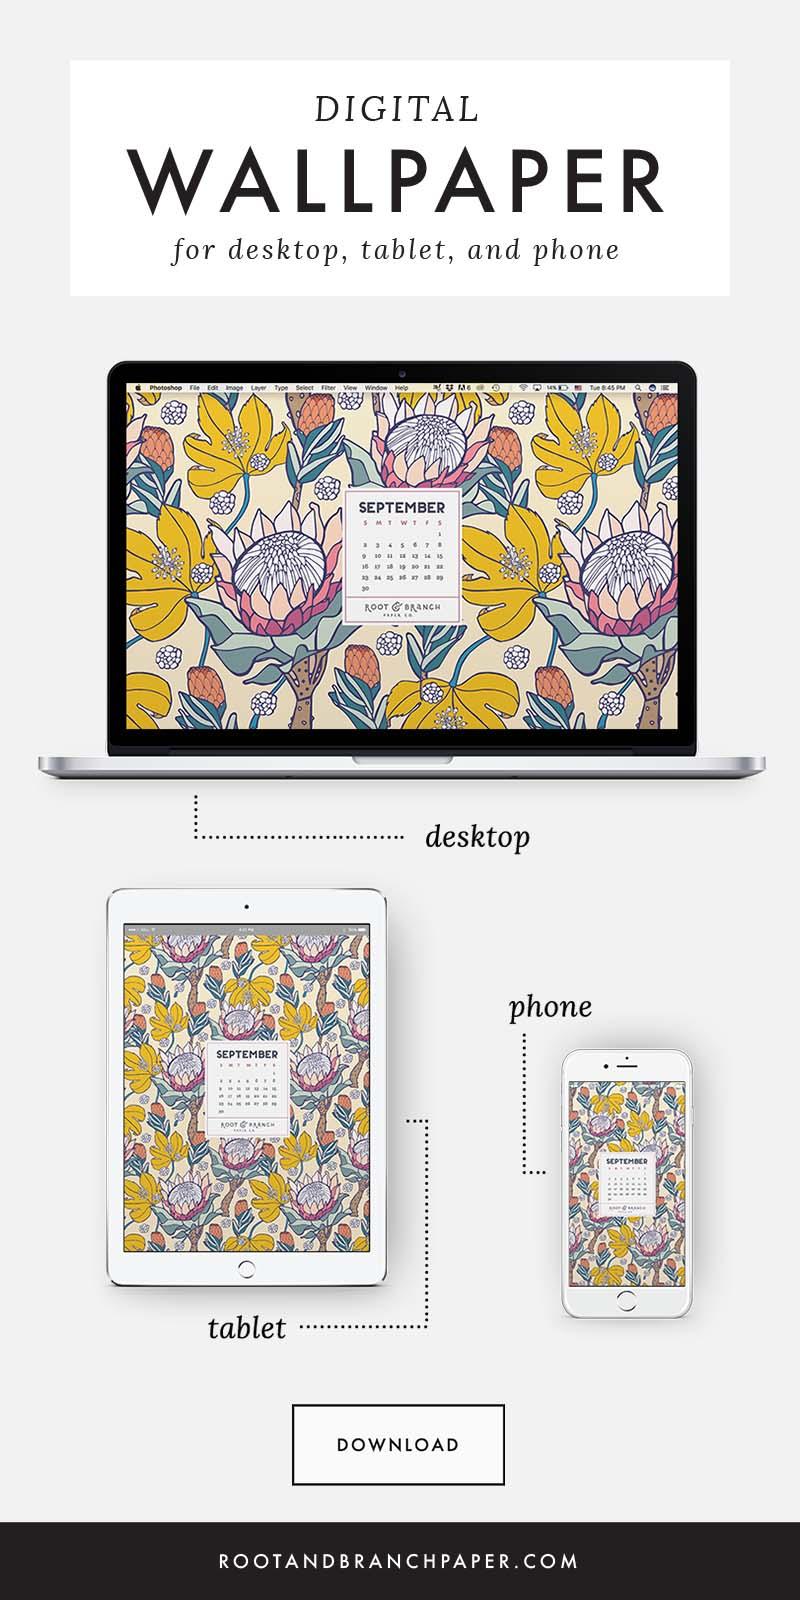 September 2018 Desktop Wallpaper, Free Floral September 2018 Monthly Calendar Desktop Background | Download Floral Illustrated Digital Wallpapers for Desktop, Tablet, + Phone | Root & Branch Paper Co.